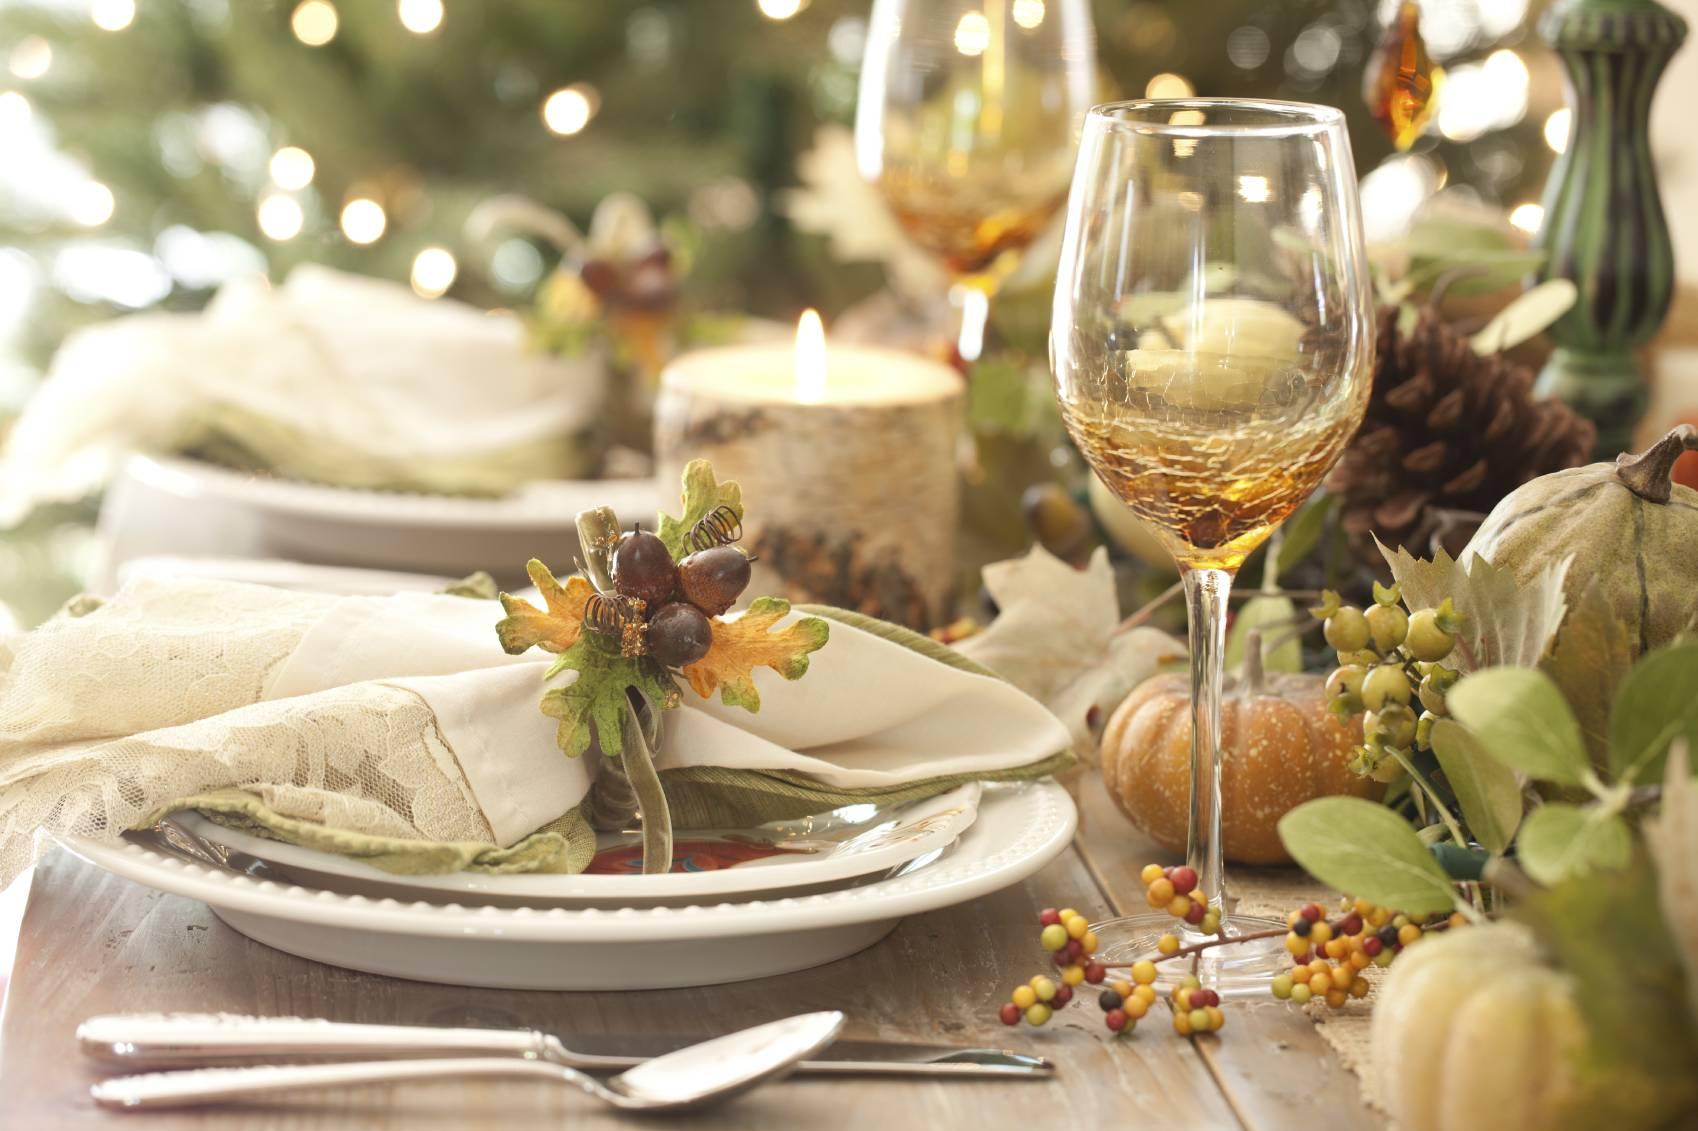 Conseils pour dresser une table - Comment dresser les couverts sur une table ...